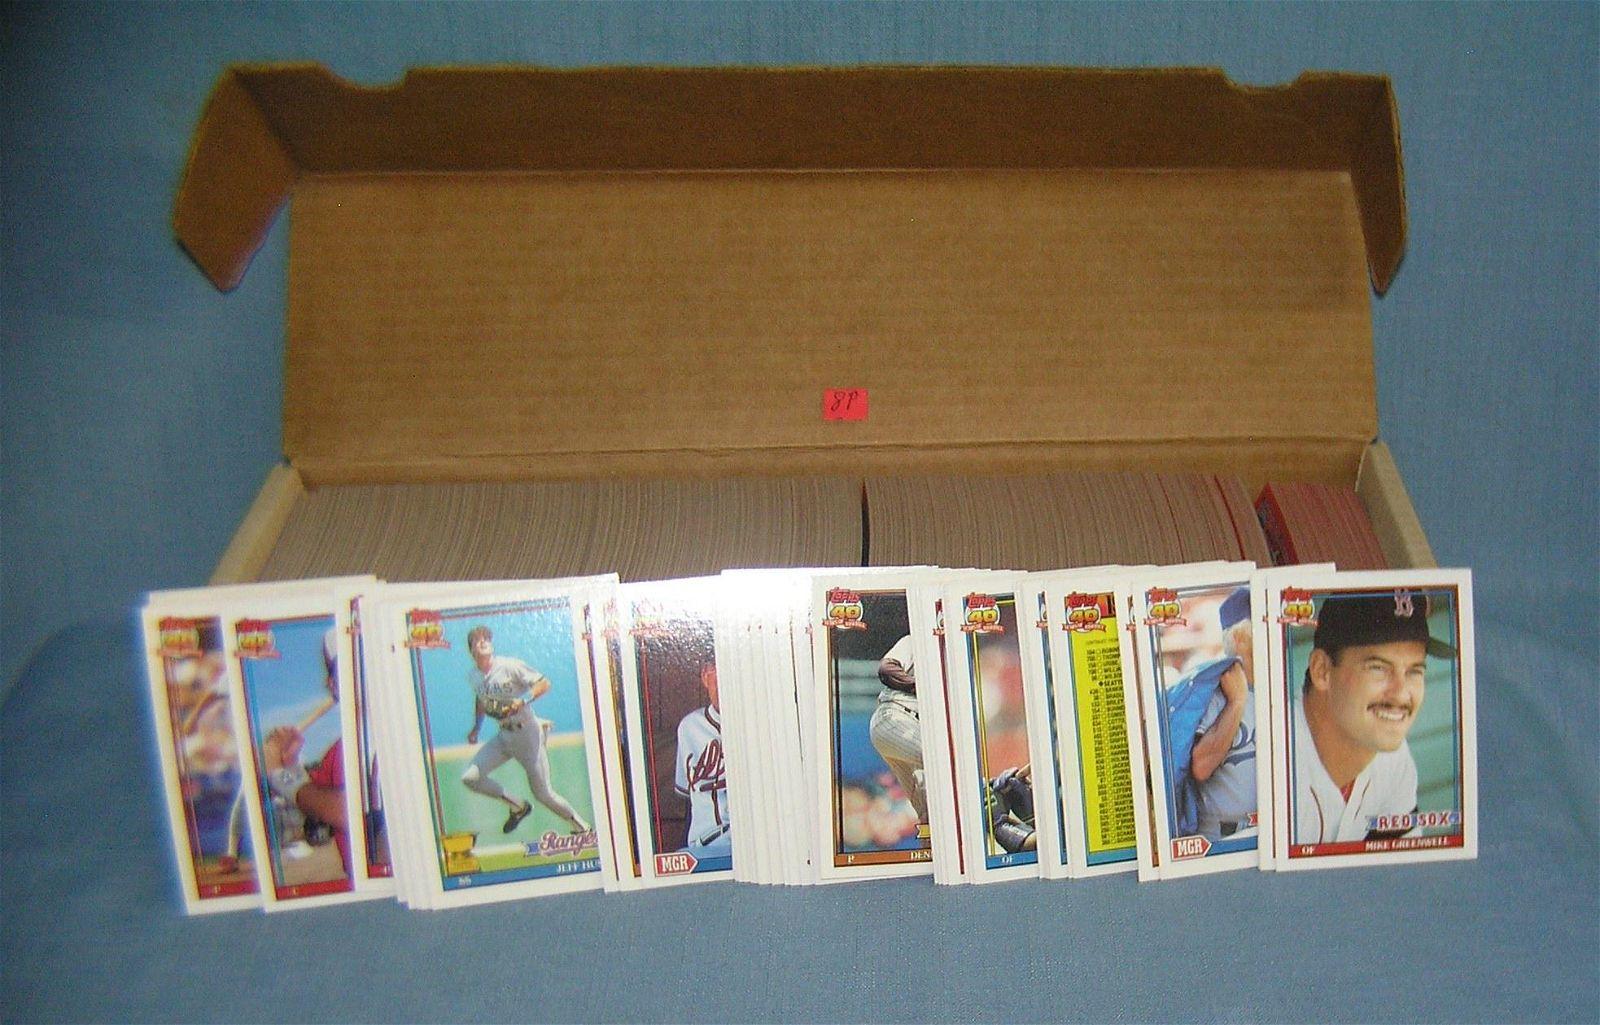 1991 Topps baseball card set